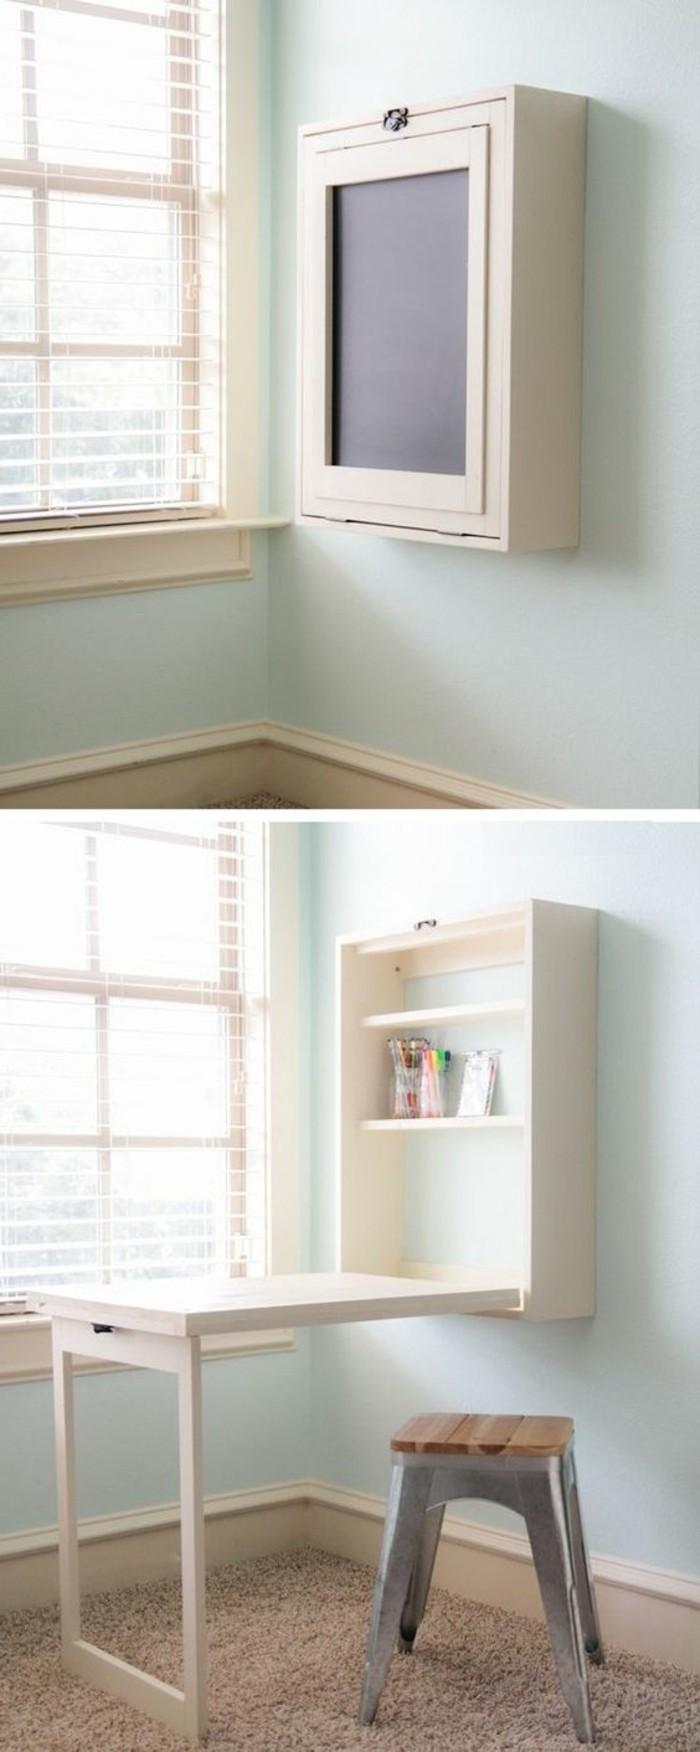 Bureau Design Bois Clair : -votre-bureau-en-bois-clair-bureau-pliable-ikea-en-bois-clair-mural